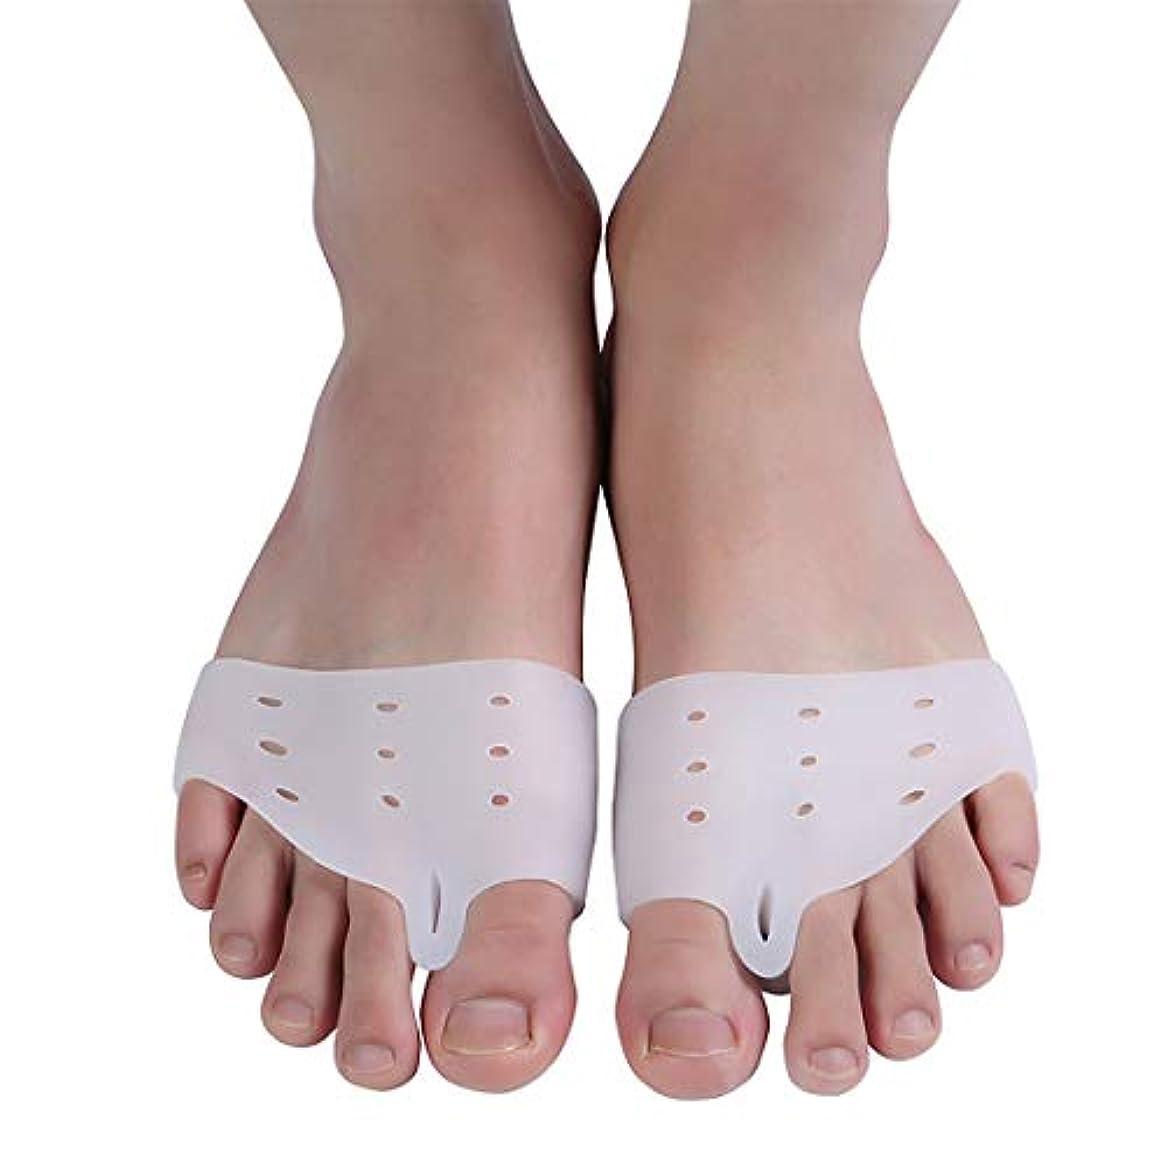 乳製品緩やかな徐々に腱膜瘤矯正と腱膜瘤救済、女性と男性のための整形外科の足の親指矯正、昼夜のサポート、外反母Valの治療と予防